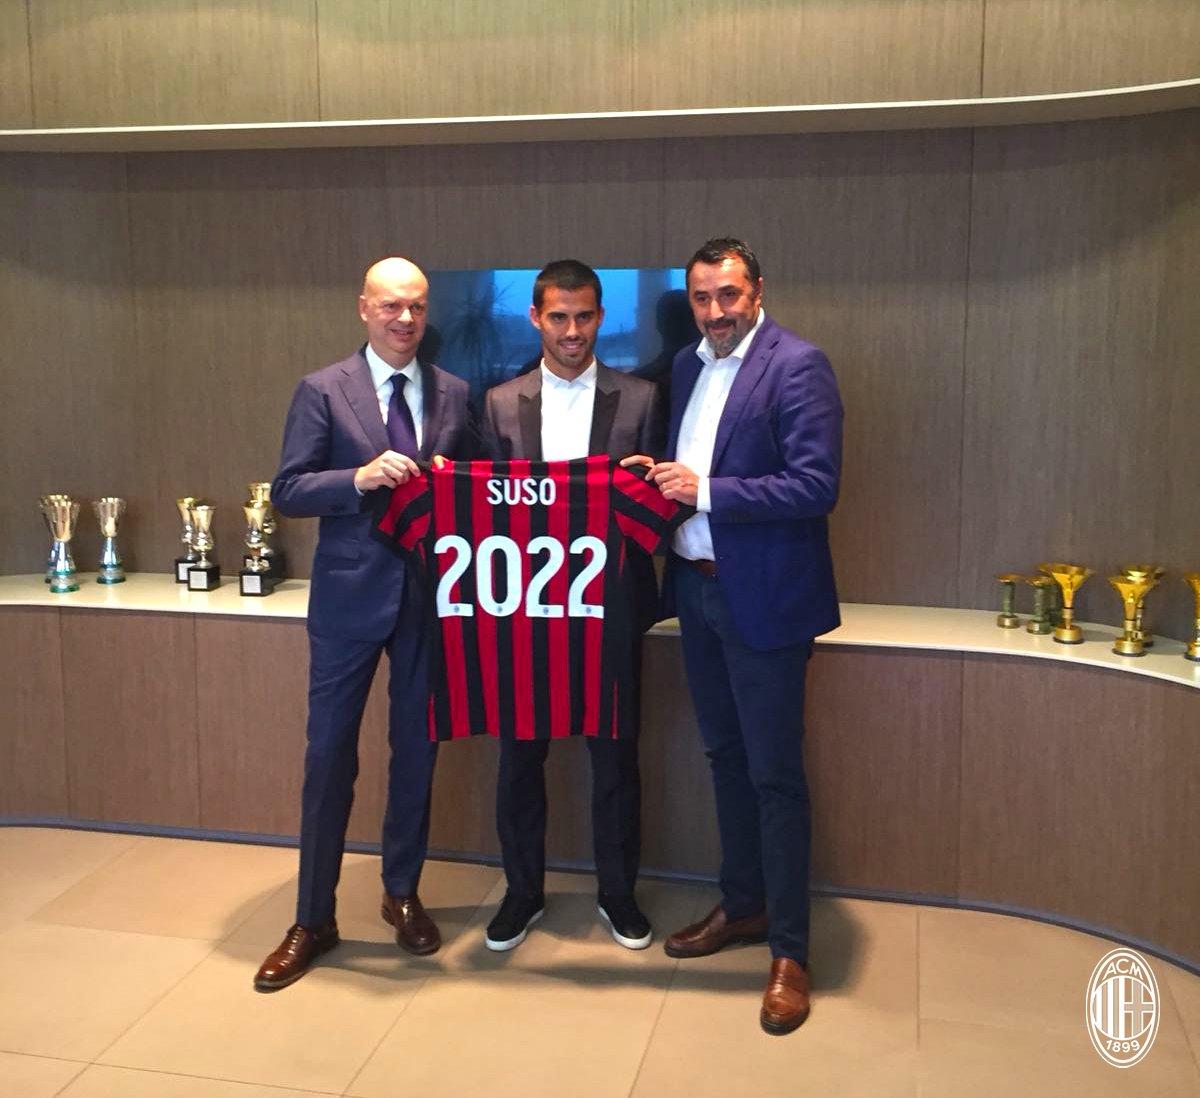 Suso rinnova con il Milan: contratto triennale e ingaggio da top player